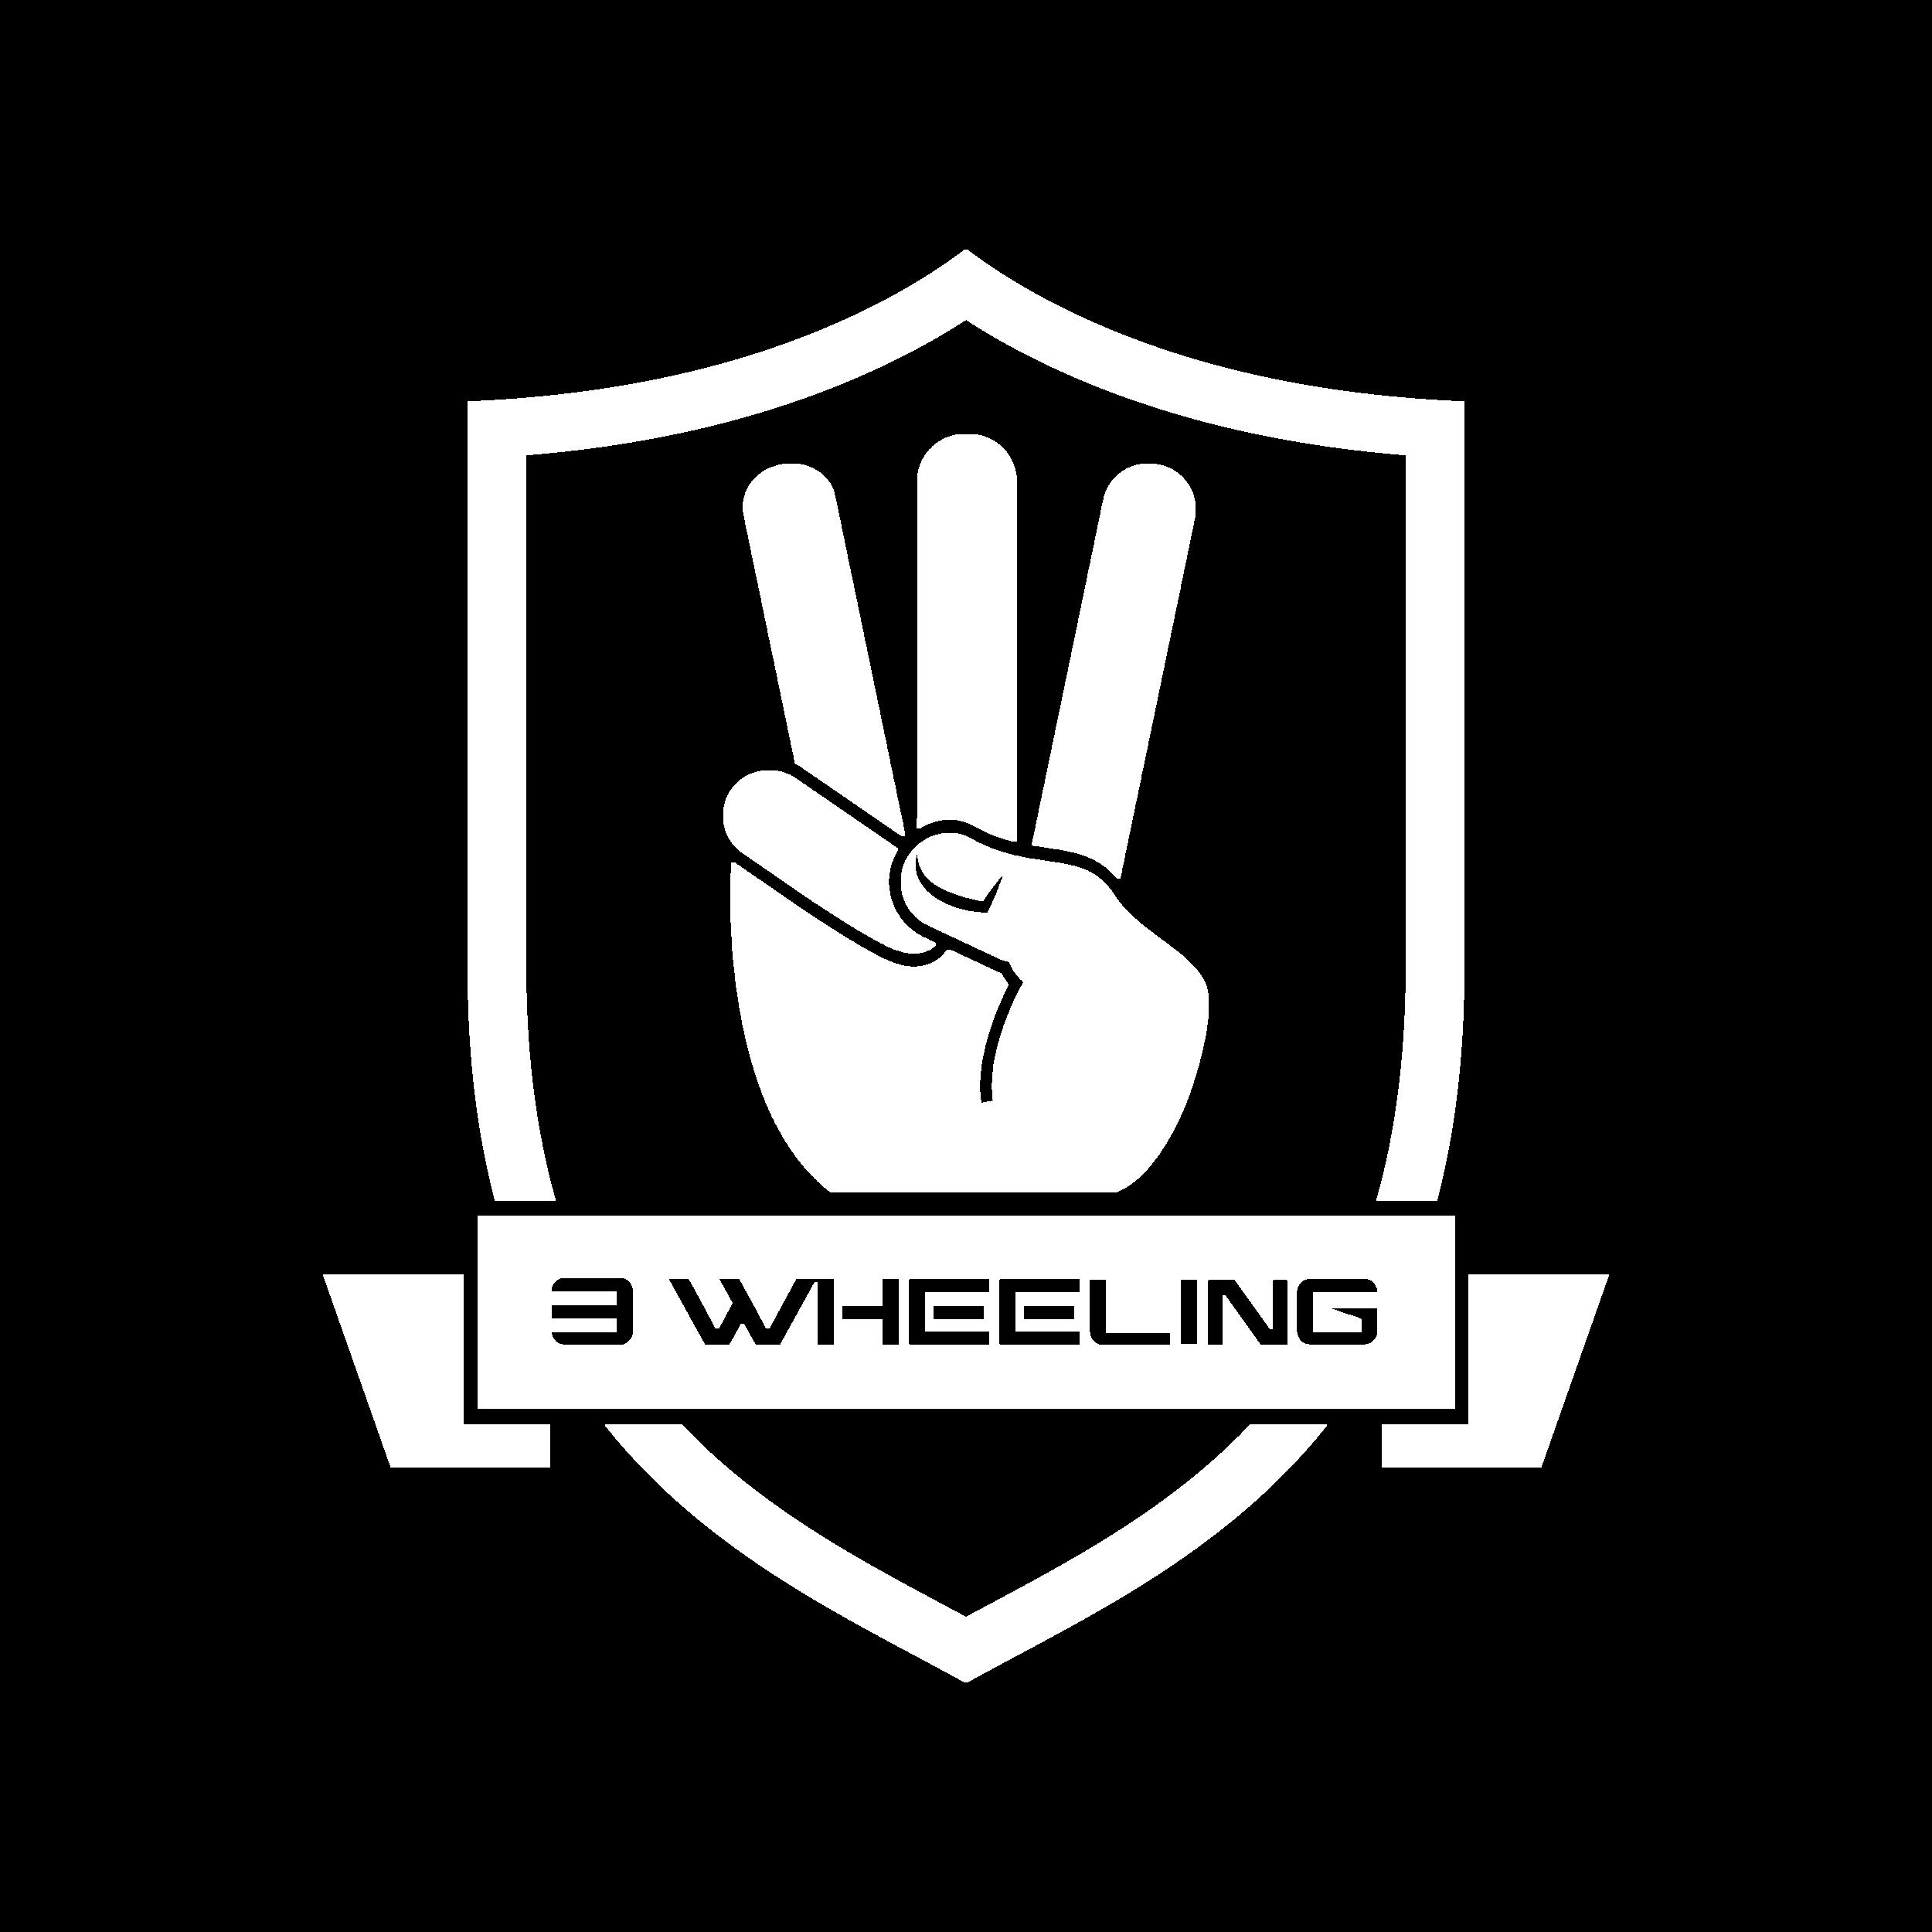 3Wheeling logo.png